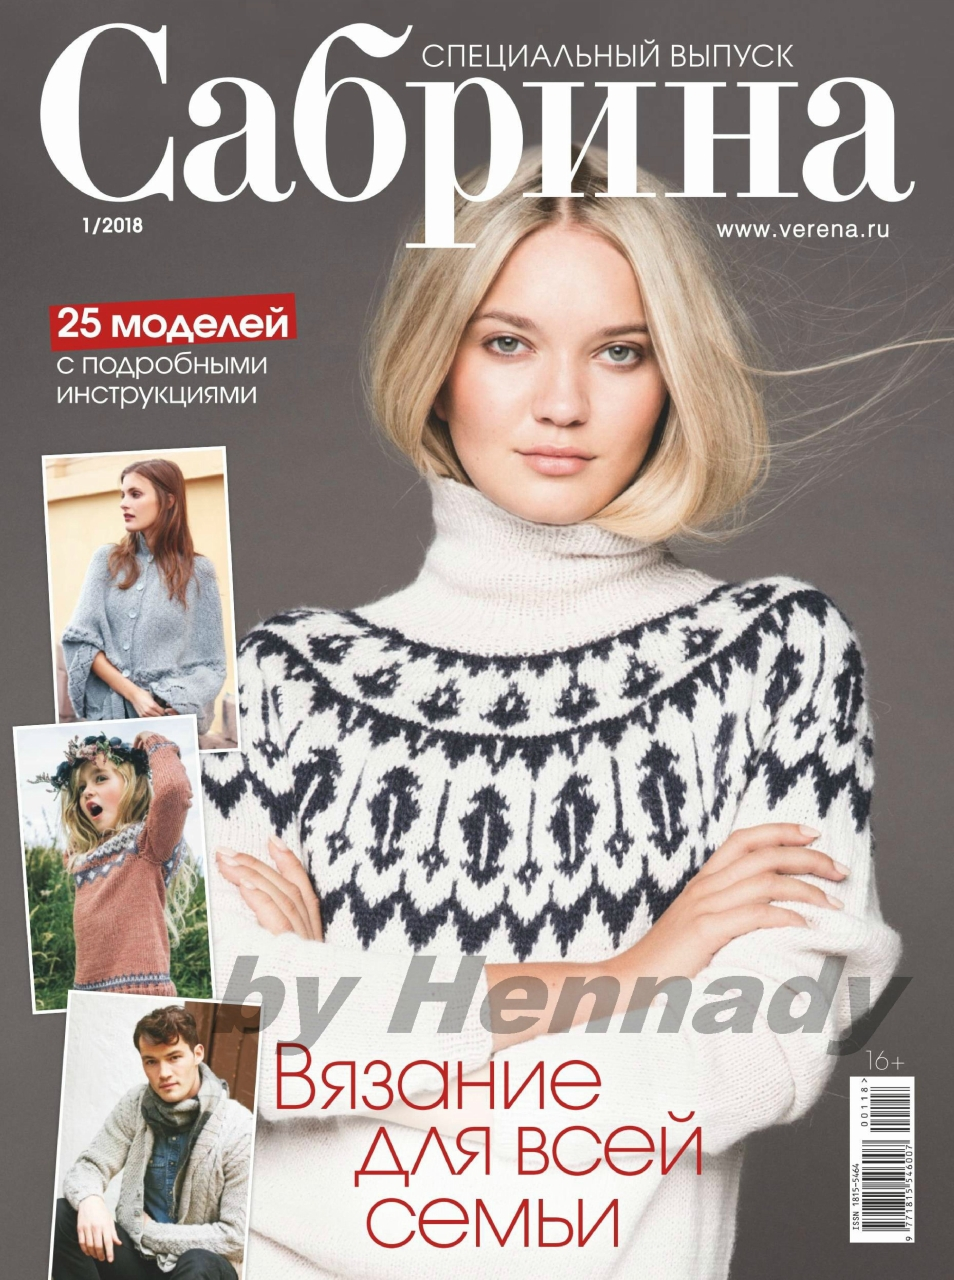 Вязание крючком журнал 2018